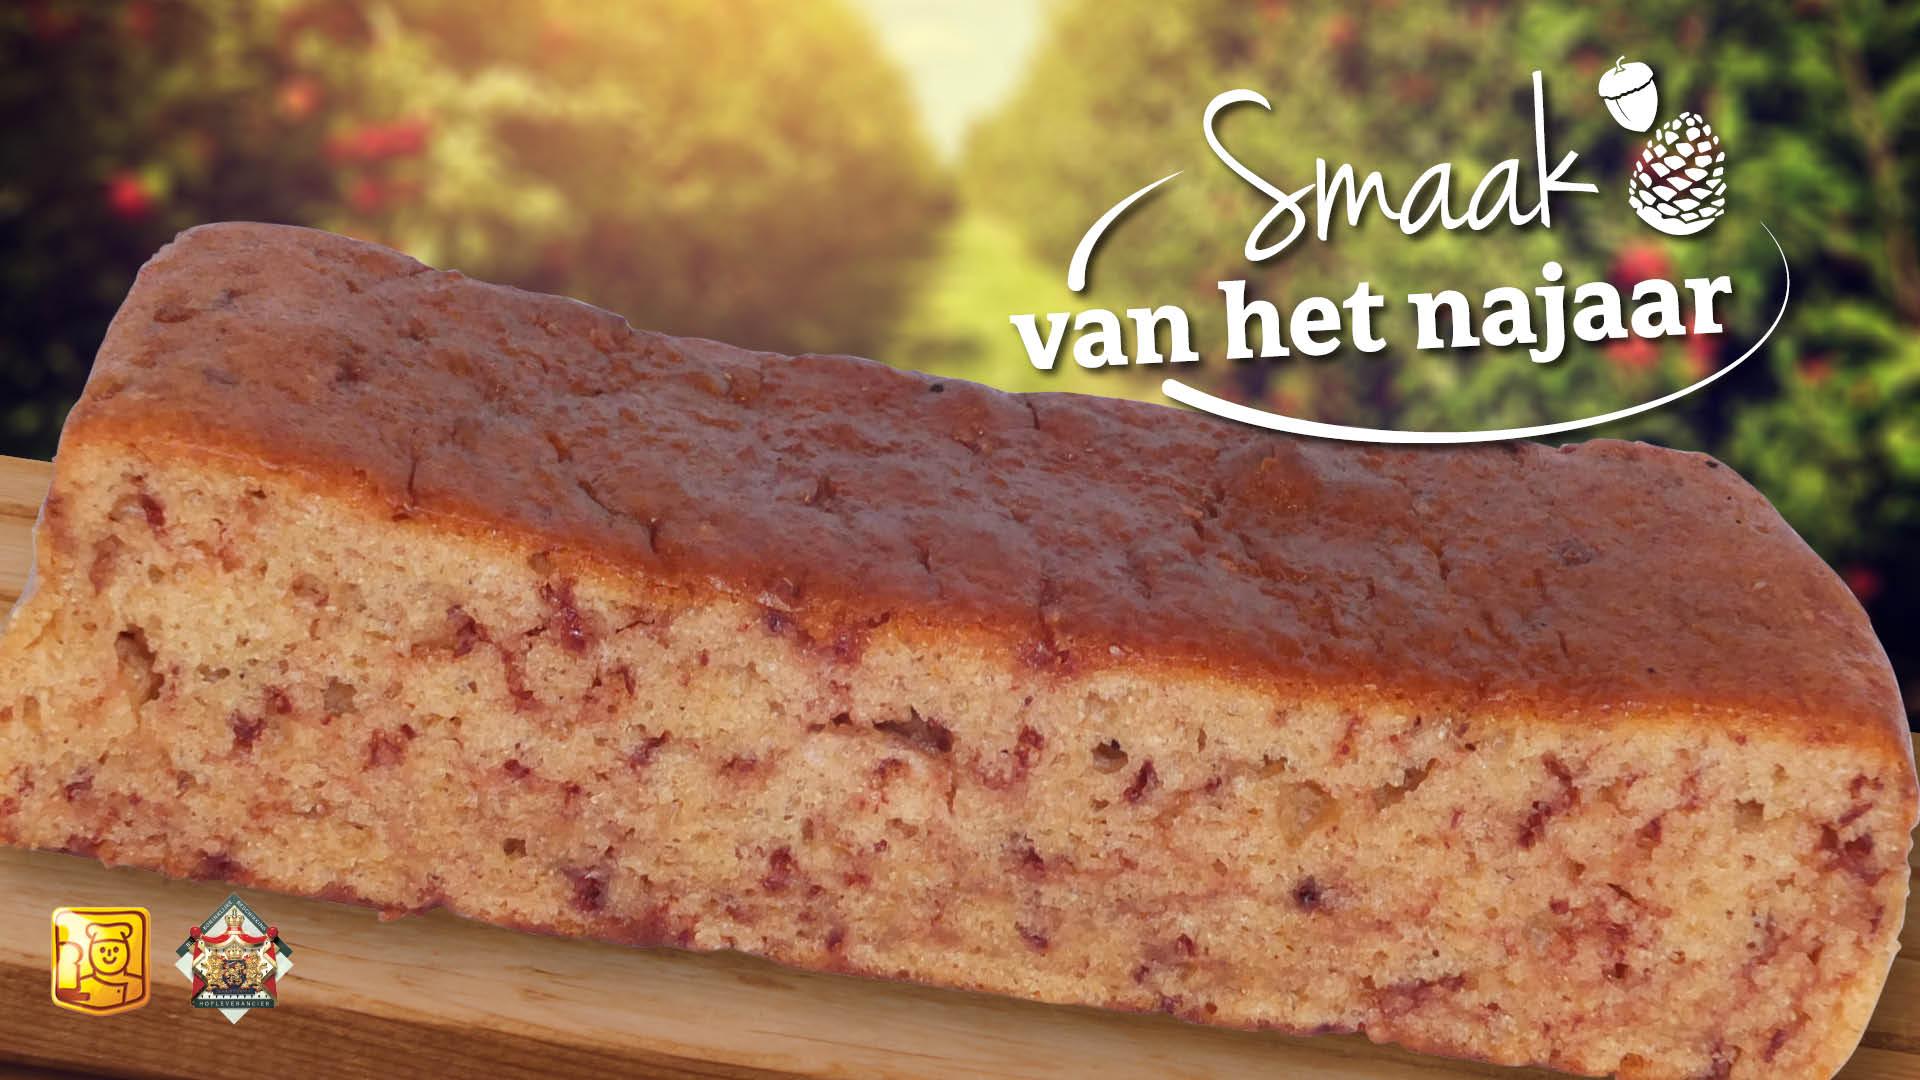 Homepage slider – De Smaak van het najaar – 2